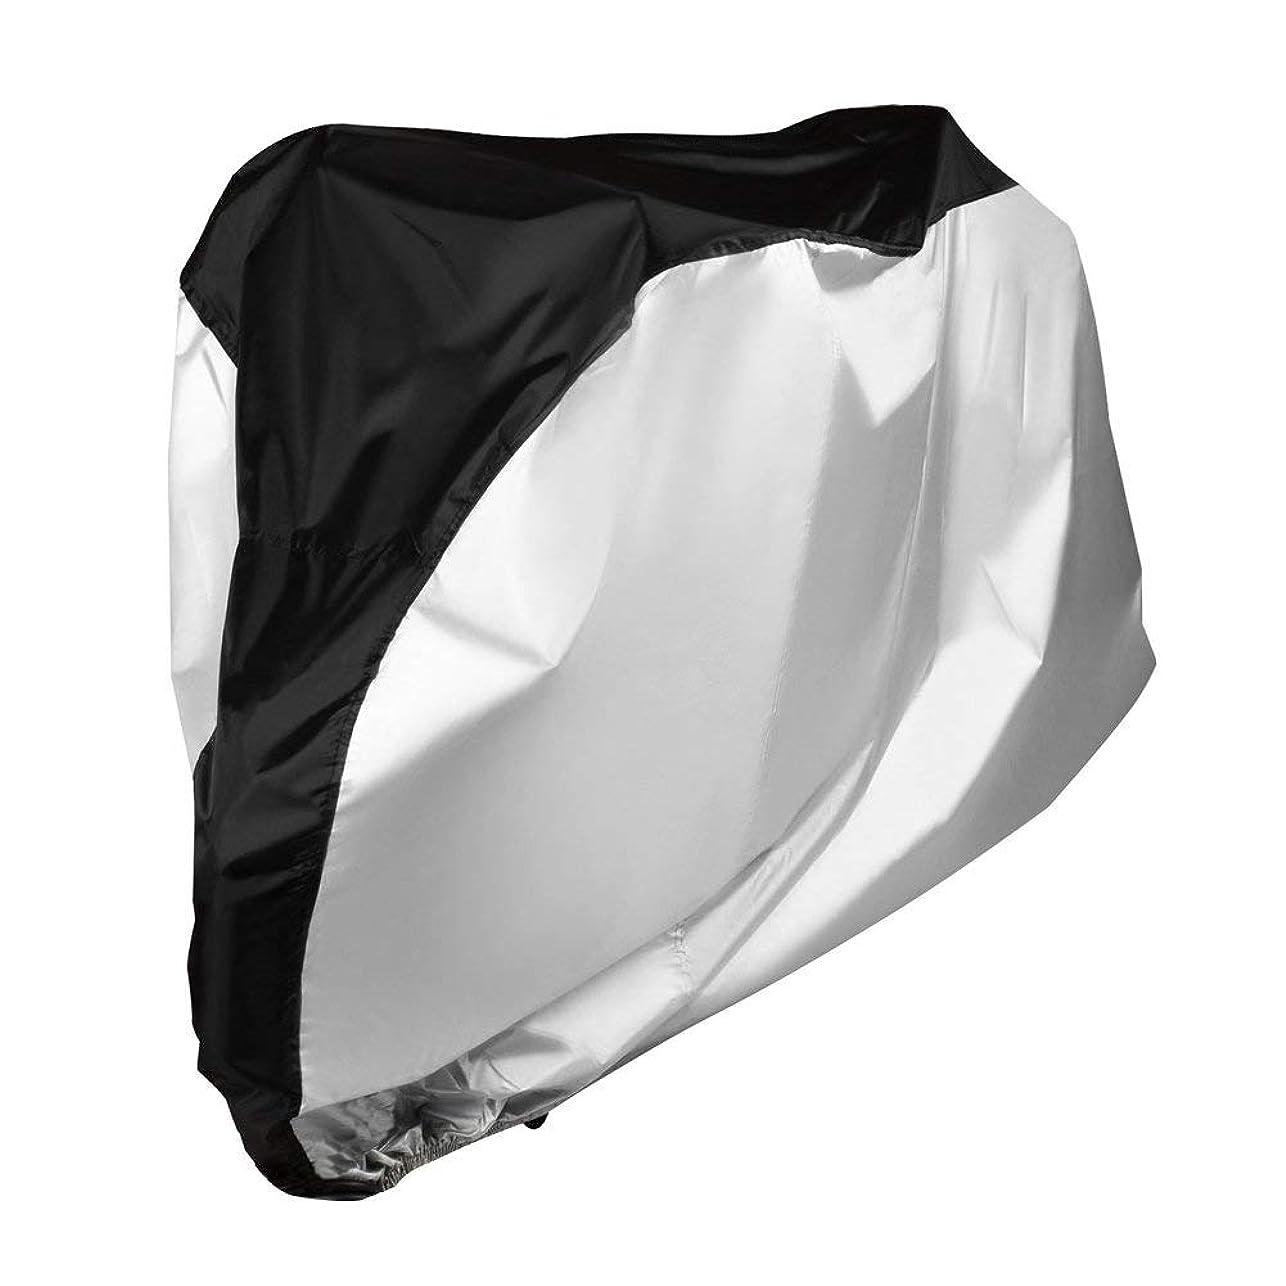 十二連帯浅いEastshining 自転車カバー 防水 防犯 UVカット 風飛び防止 破れにくい サイクルカバー 収納袋付き